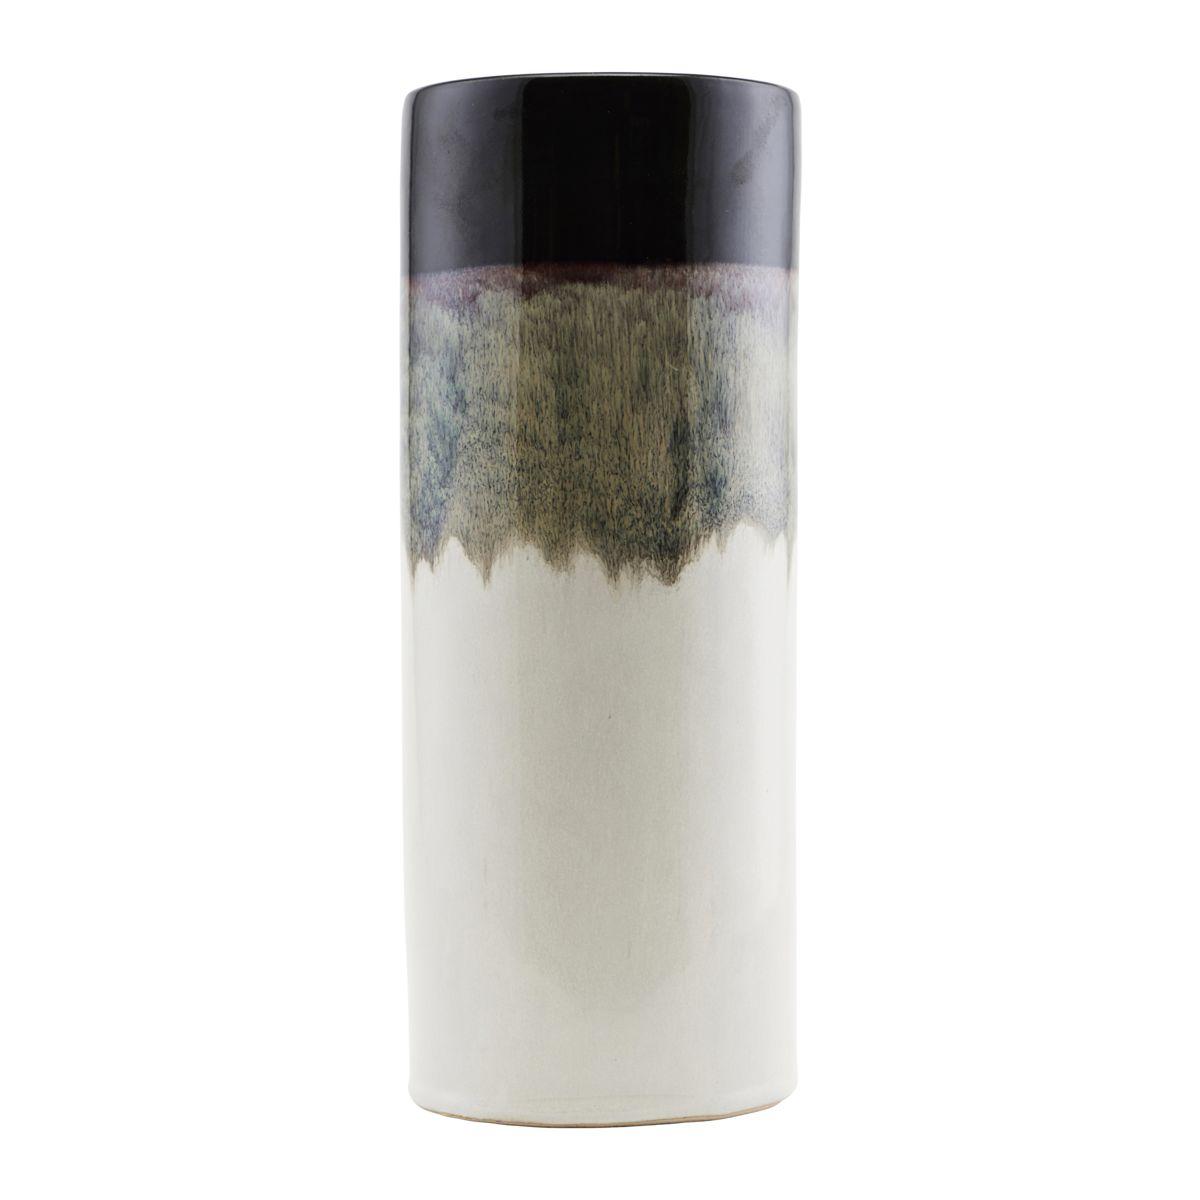 House Doctor Vase, Eng, Mokka, dia: 10 cm, h: 26 cm